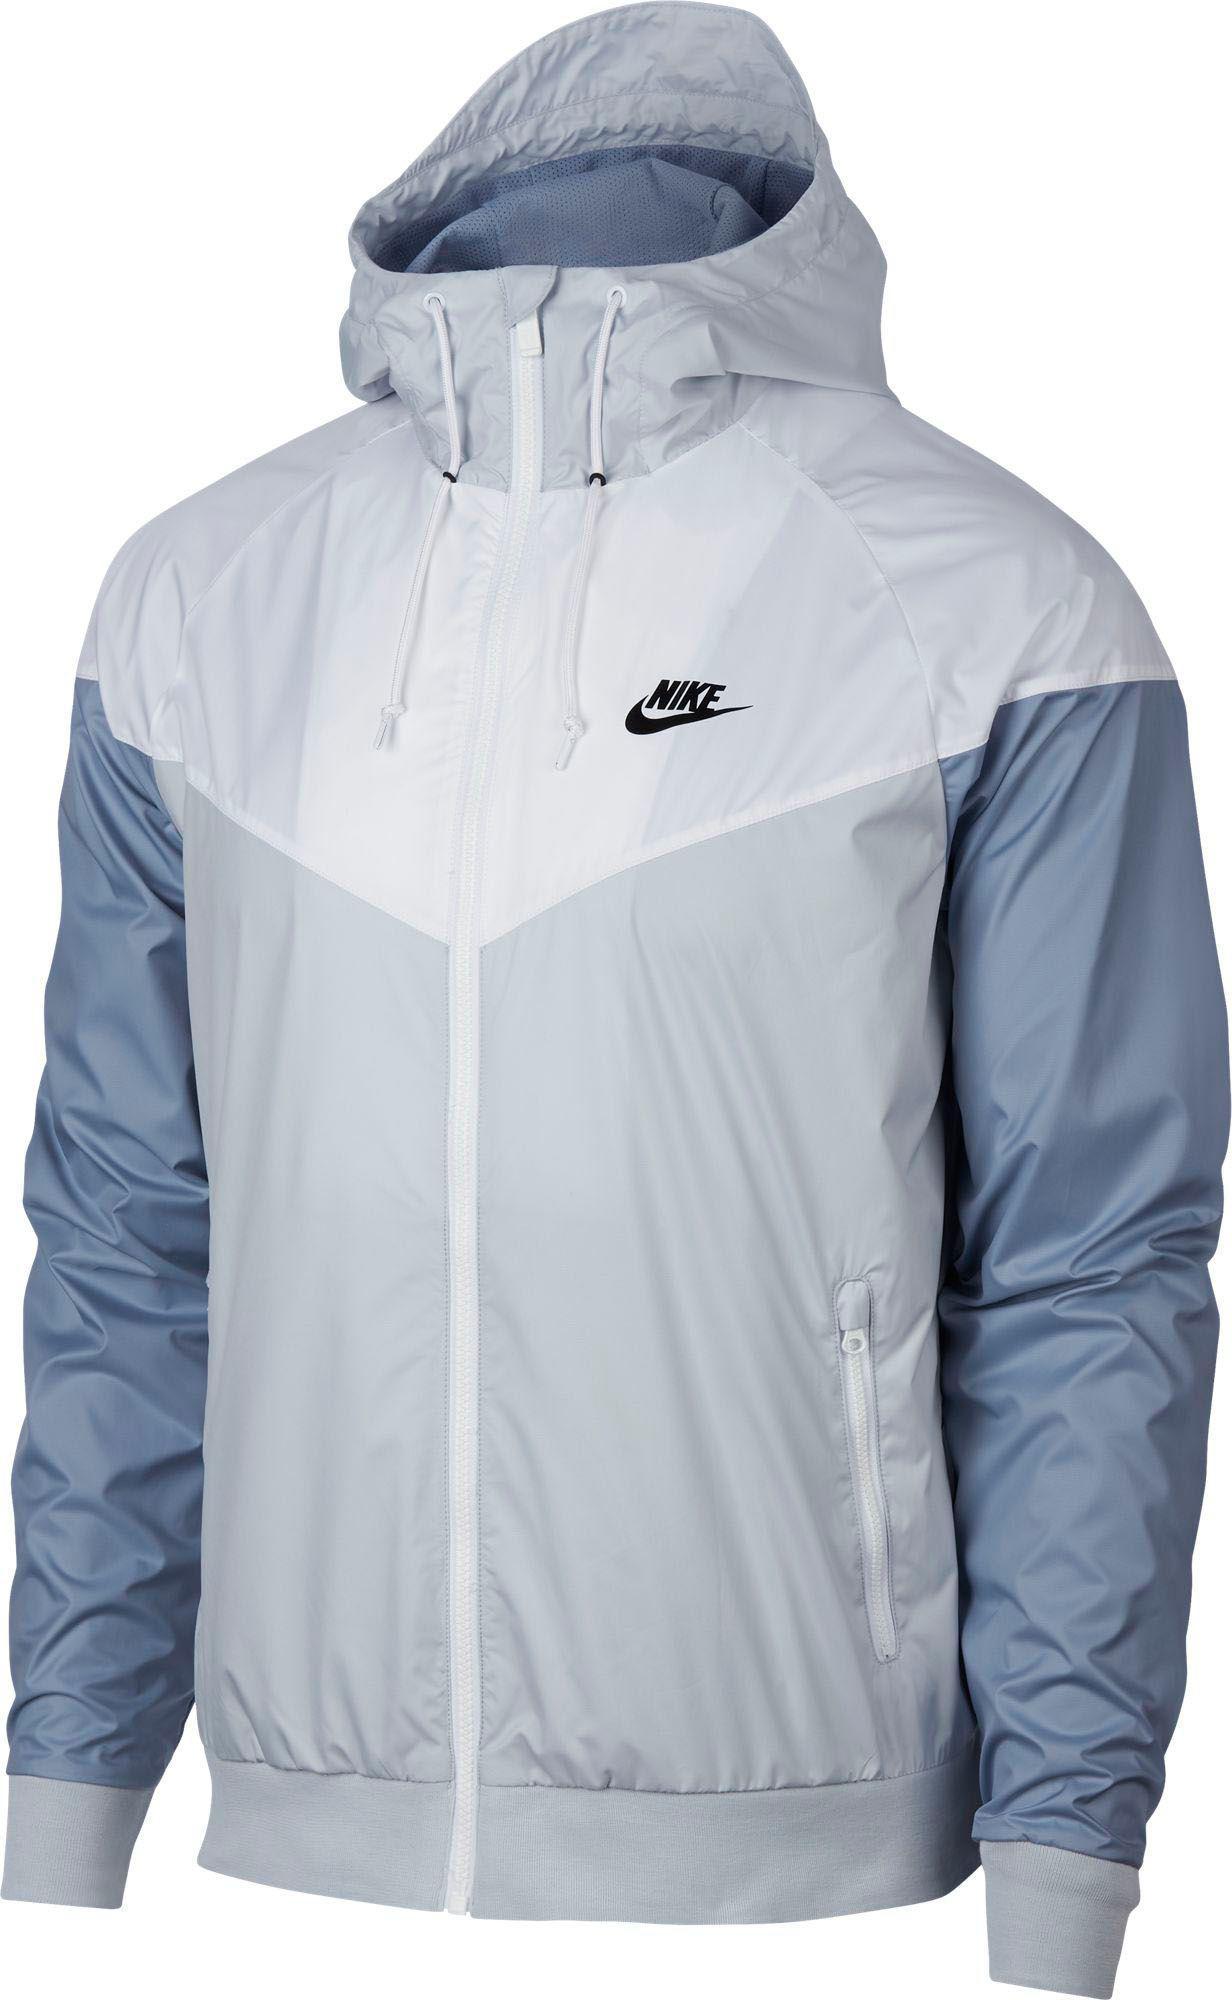 e41967ac6e6d Lyst - Nike Windrunner Full Zip Jacket in White for Men